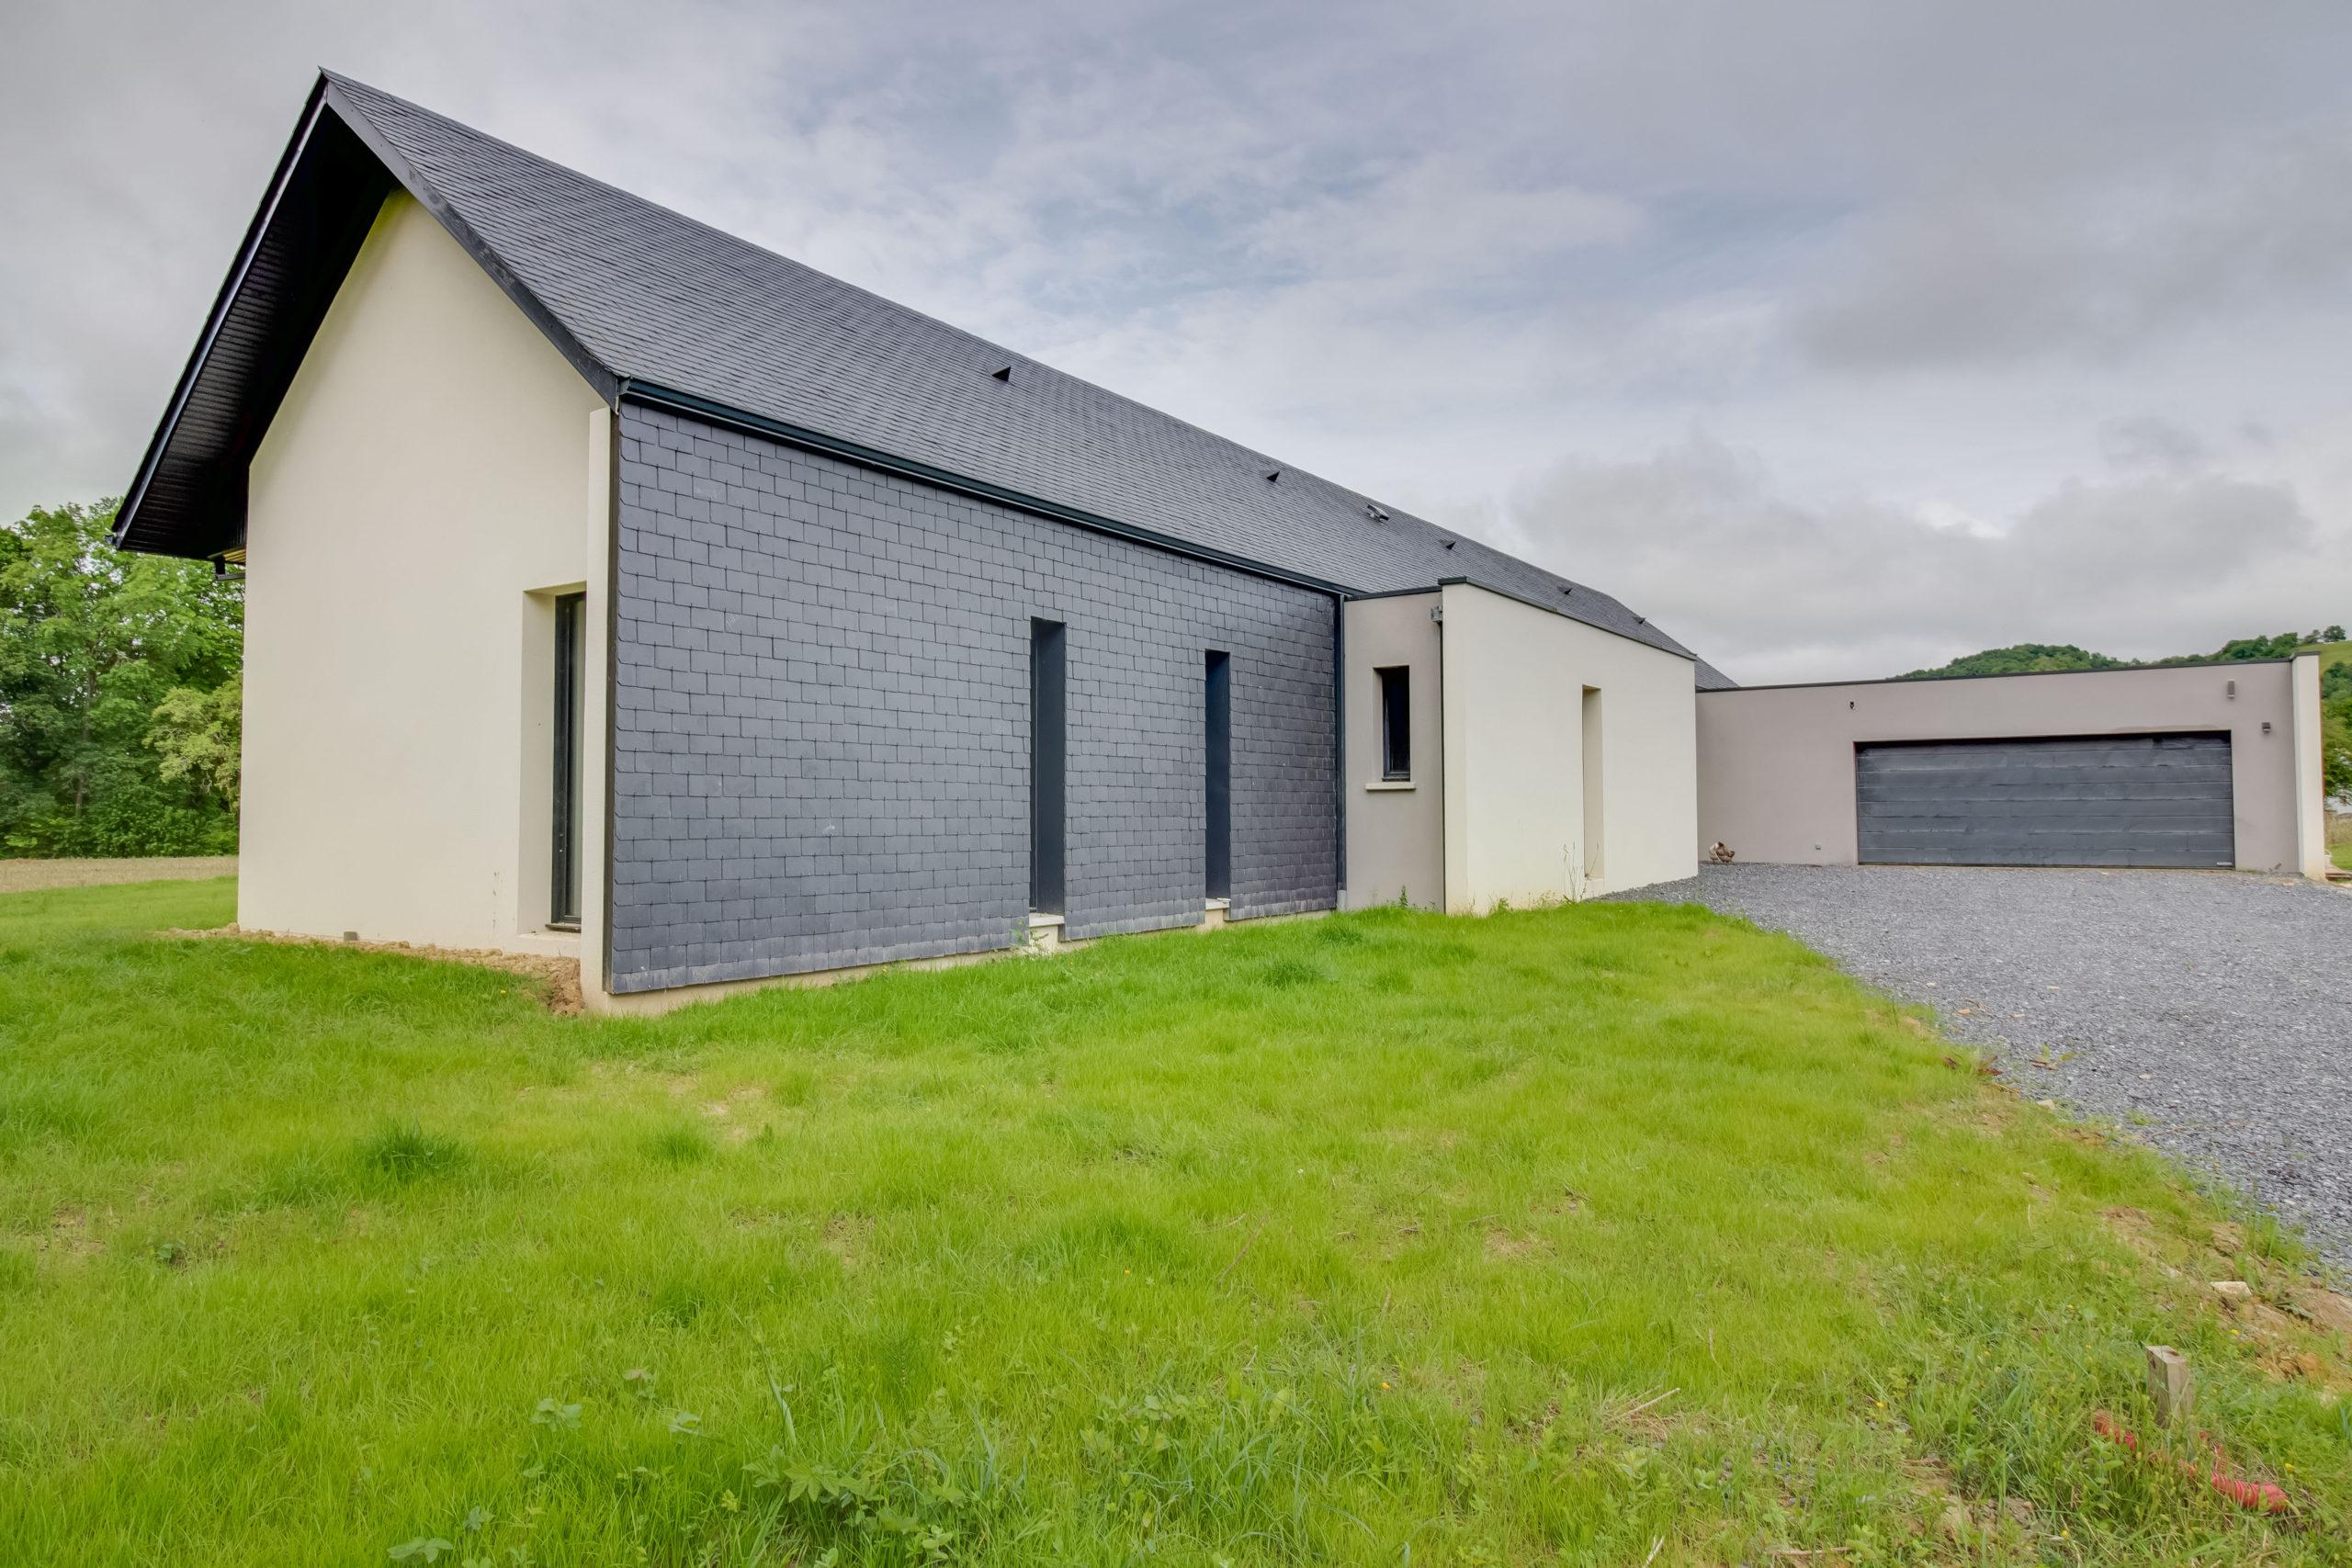 Atelier-Plurielles-architectures-construction-maison-Bearn-extérieur garage